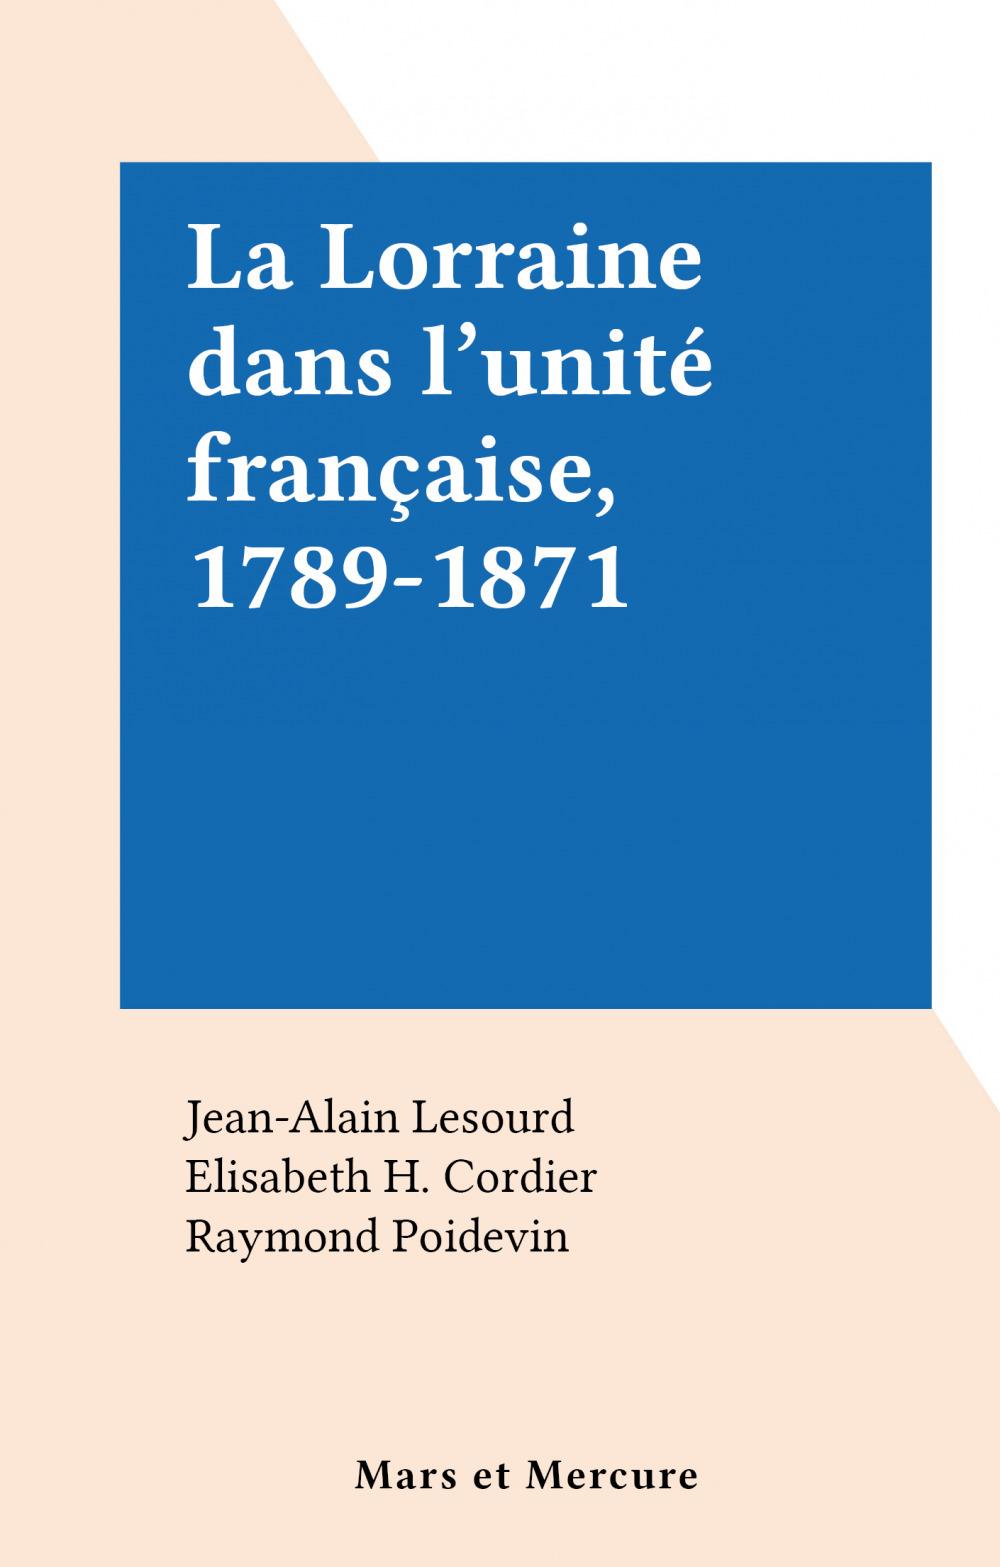 La Lorraine dans l'unité française, 1789-1871  - Jean-Alain Lesourd